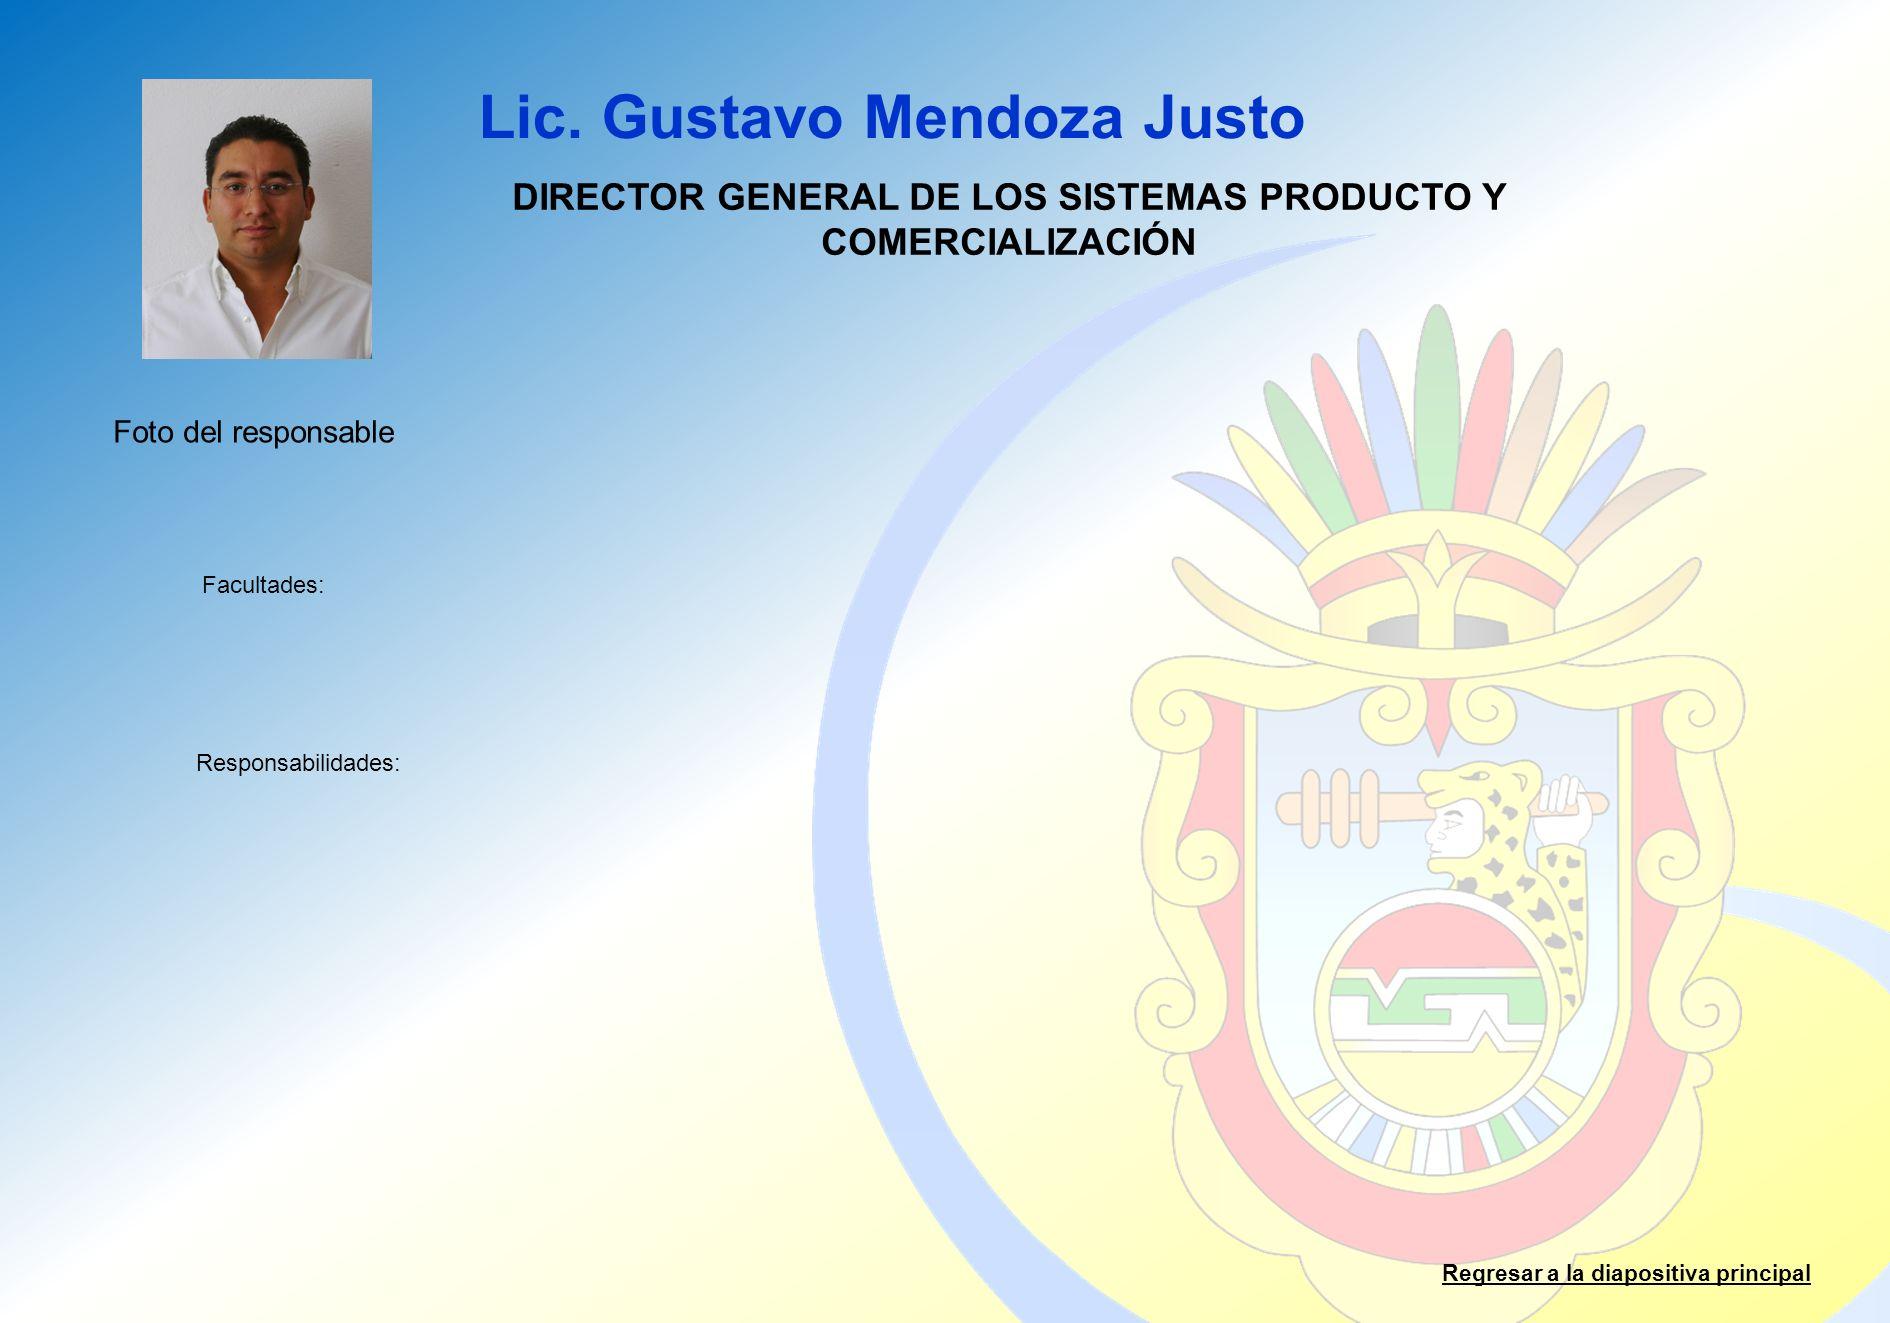 DIRECTOR GENERAL DE LOS SISTEMAS PRODUCTO Y COMERCIALIZACIÓN